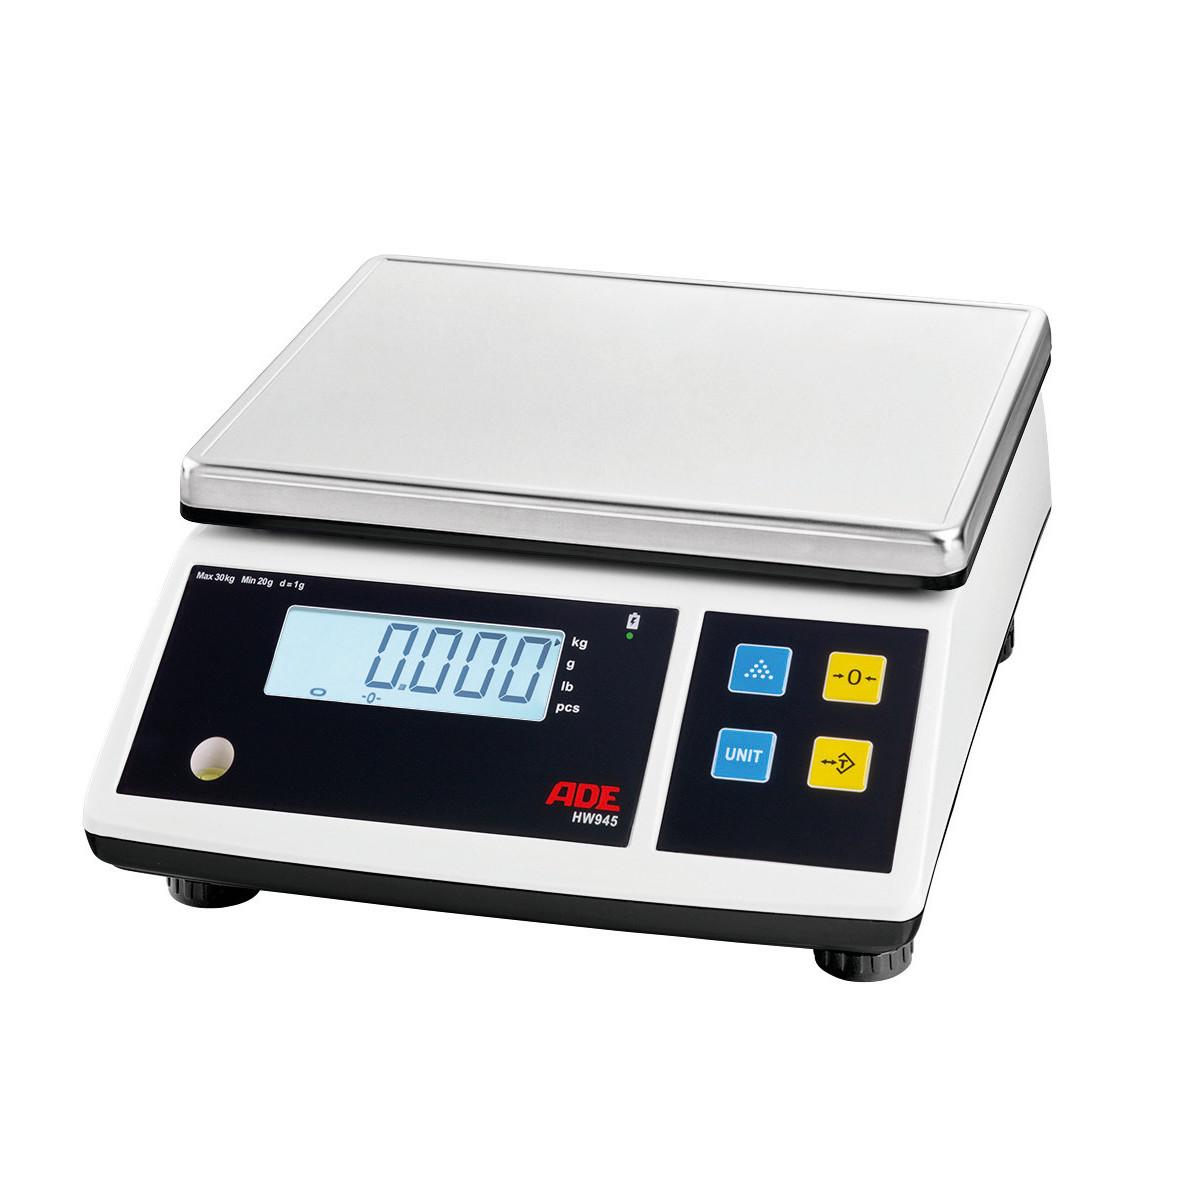 Portionswaage 30,00 kg / Ziffernschritt 1 g / Wiegelfläche 260 x 215 mm